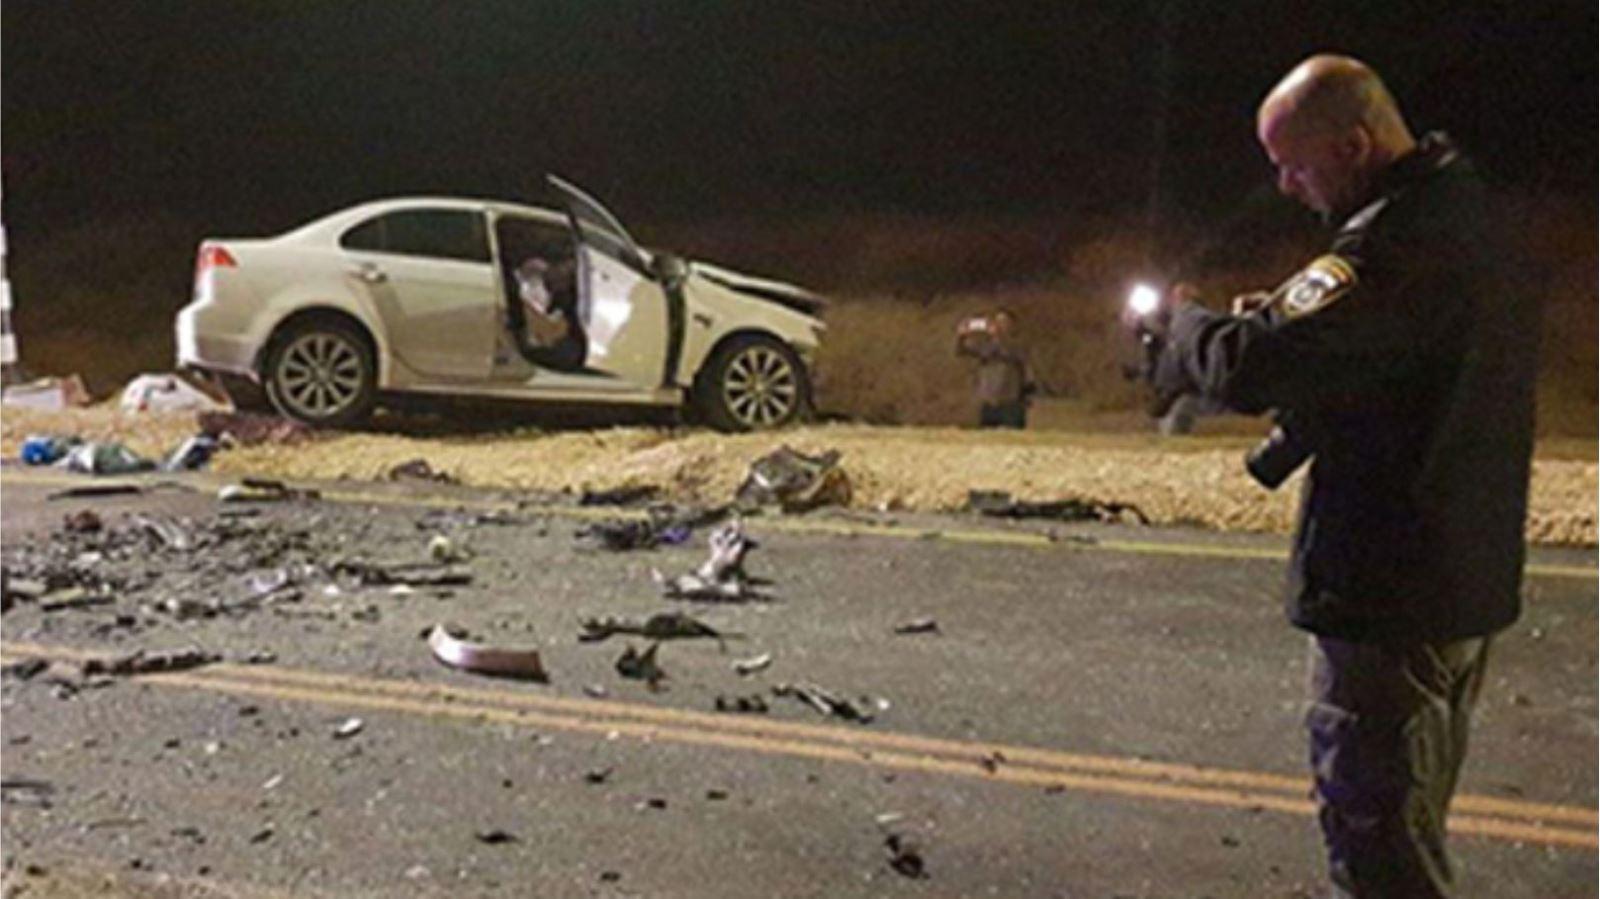 אפקט שדה דב: תוספת של 40 תאונות דרכים בדרך לאילת